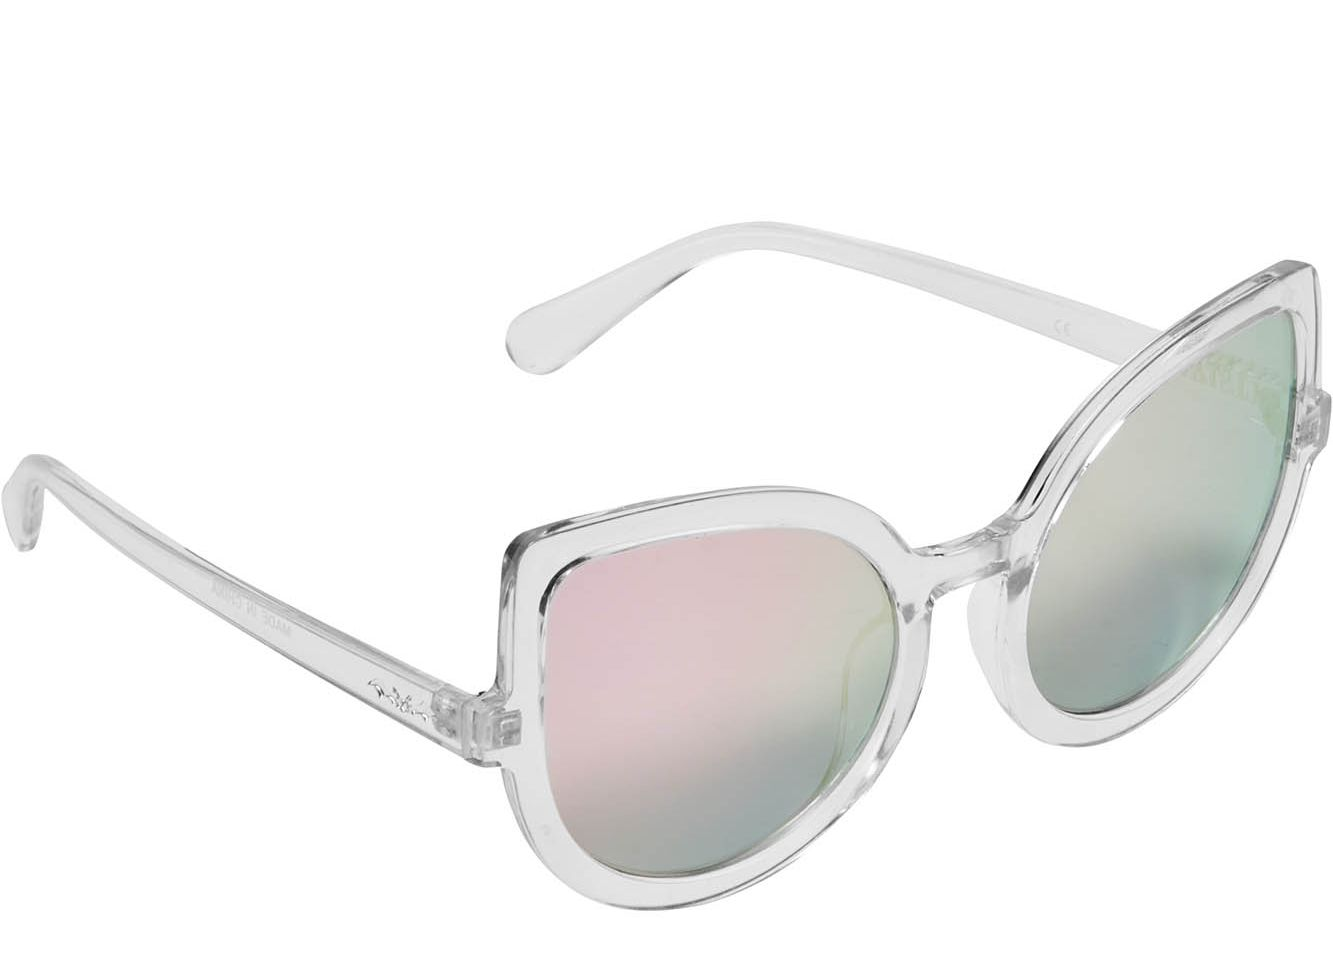 ks1924_lunettes-de-soleil-gothique-glam-rock-cat-eyes-space-kitty-transparent